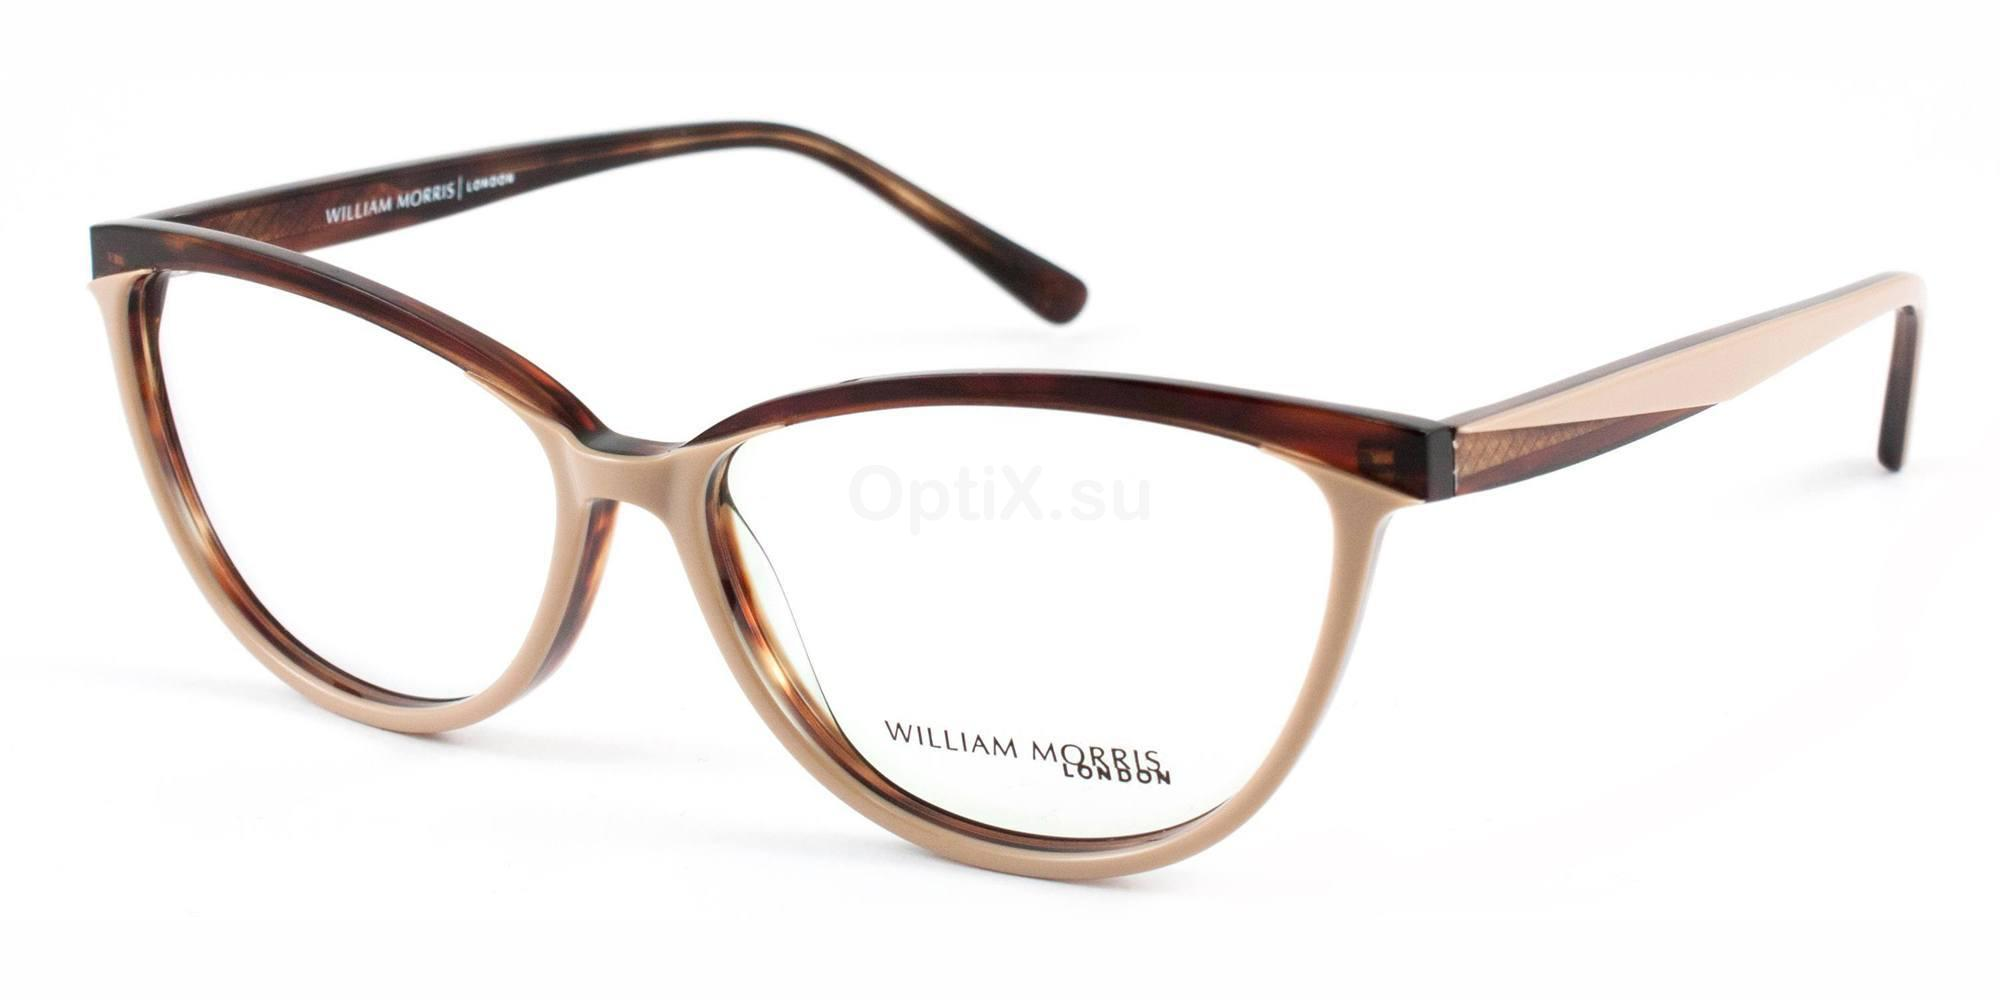 C1 WL6968 , William Morris London